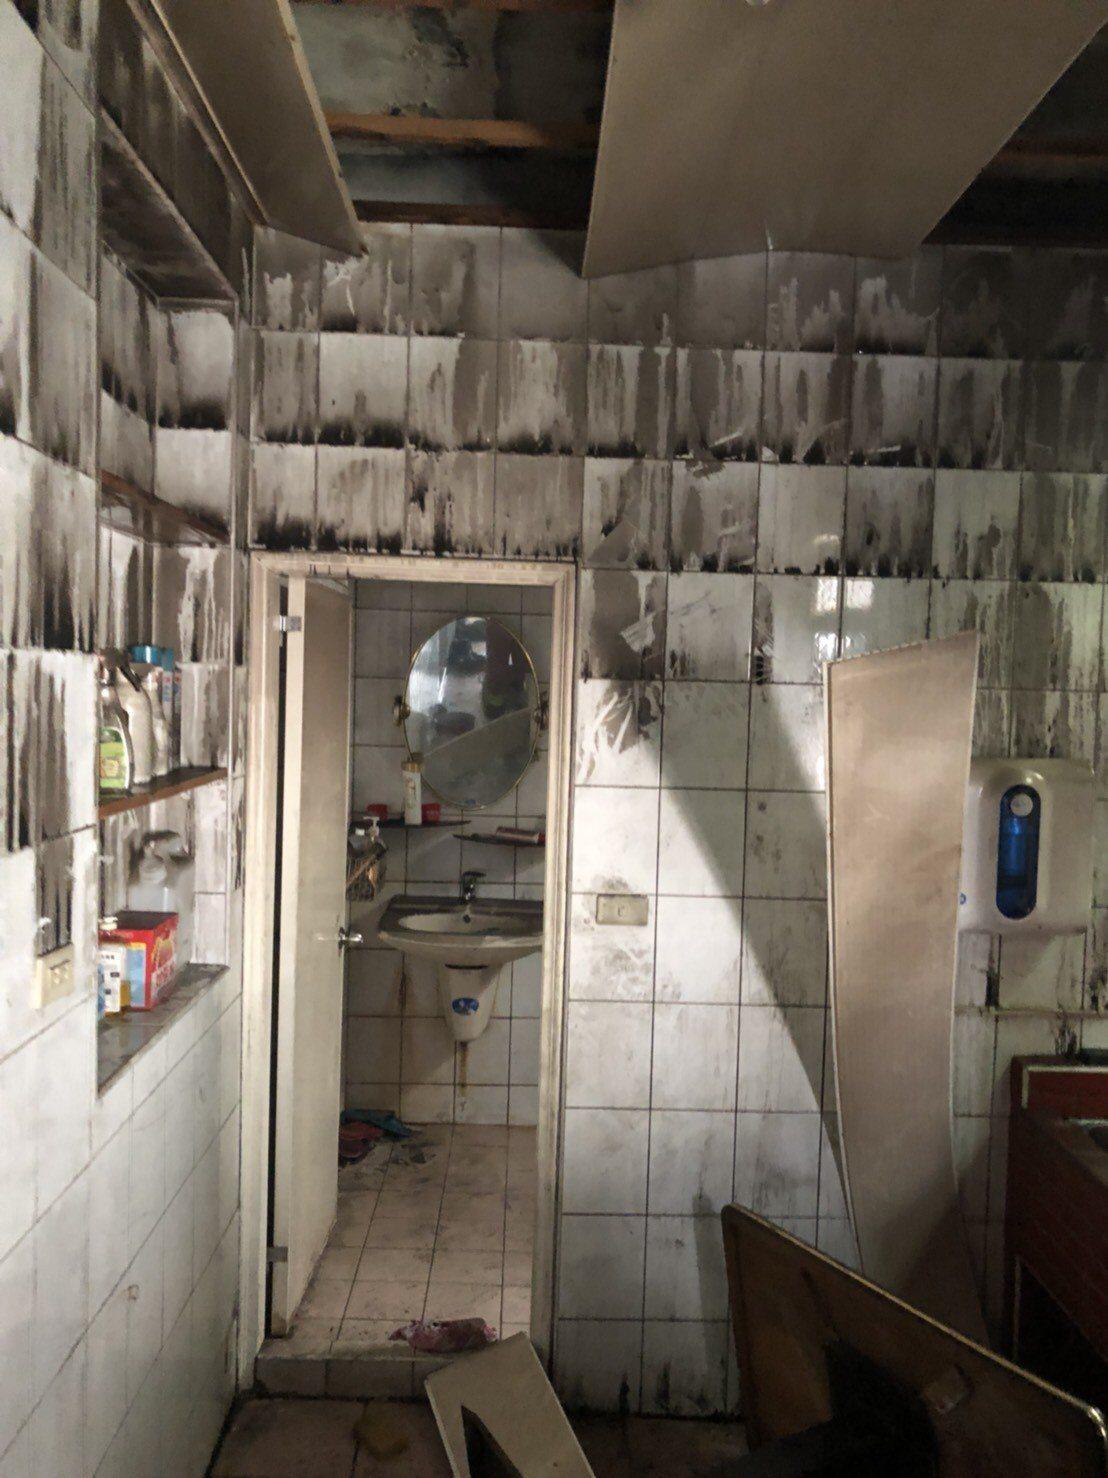 火警發生時,母子三人藏身廁所。記者袁志豪/翻攝